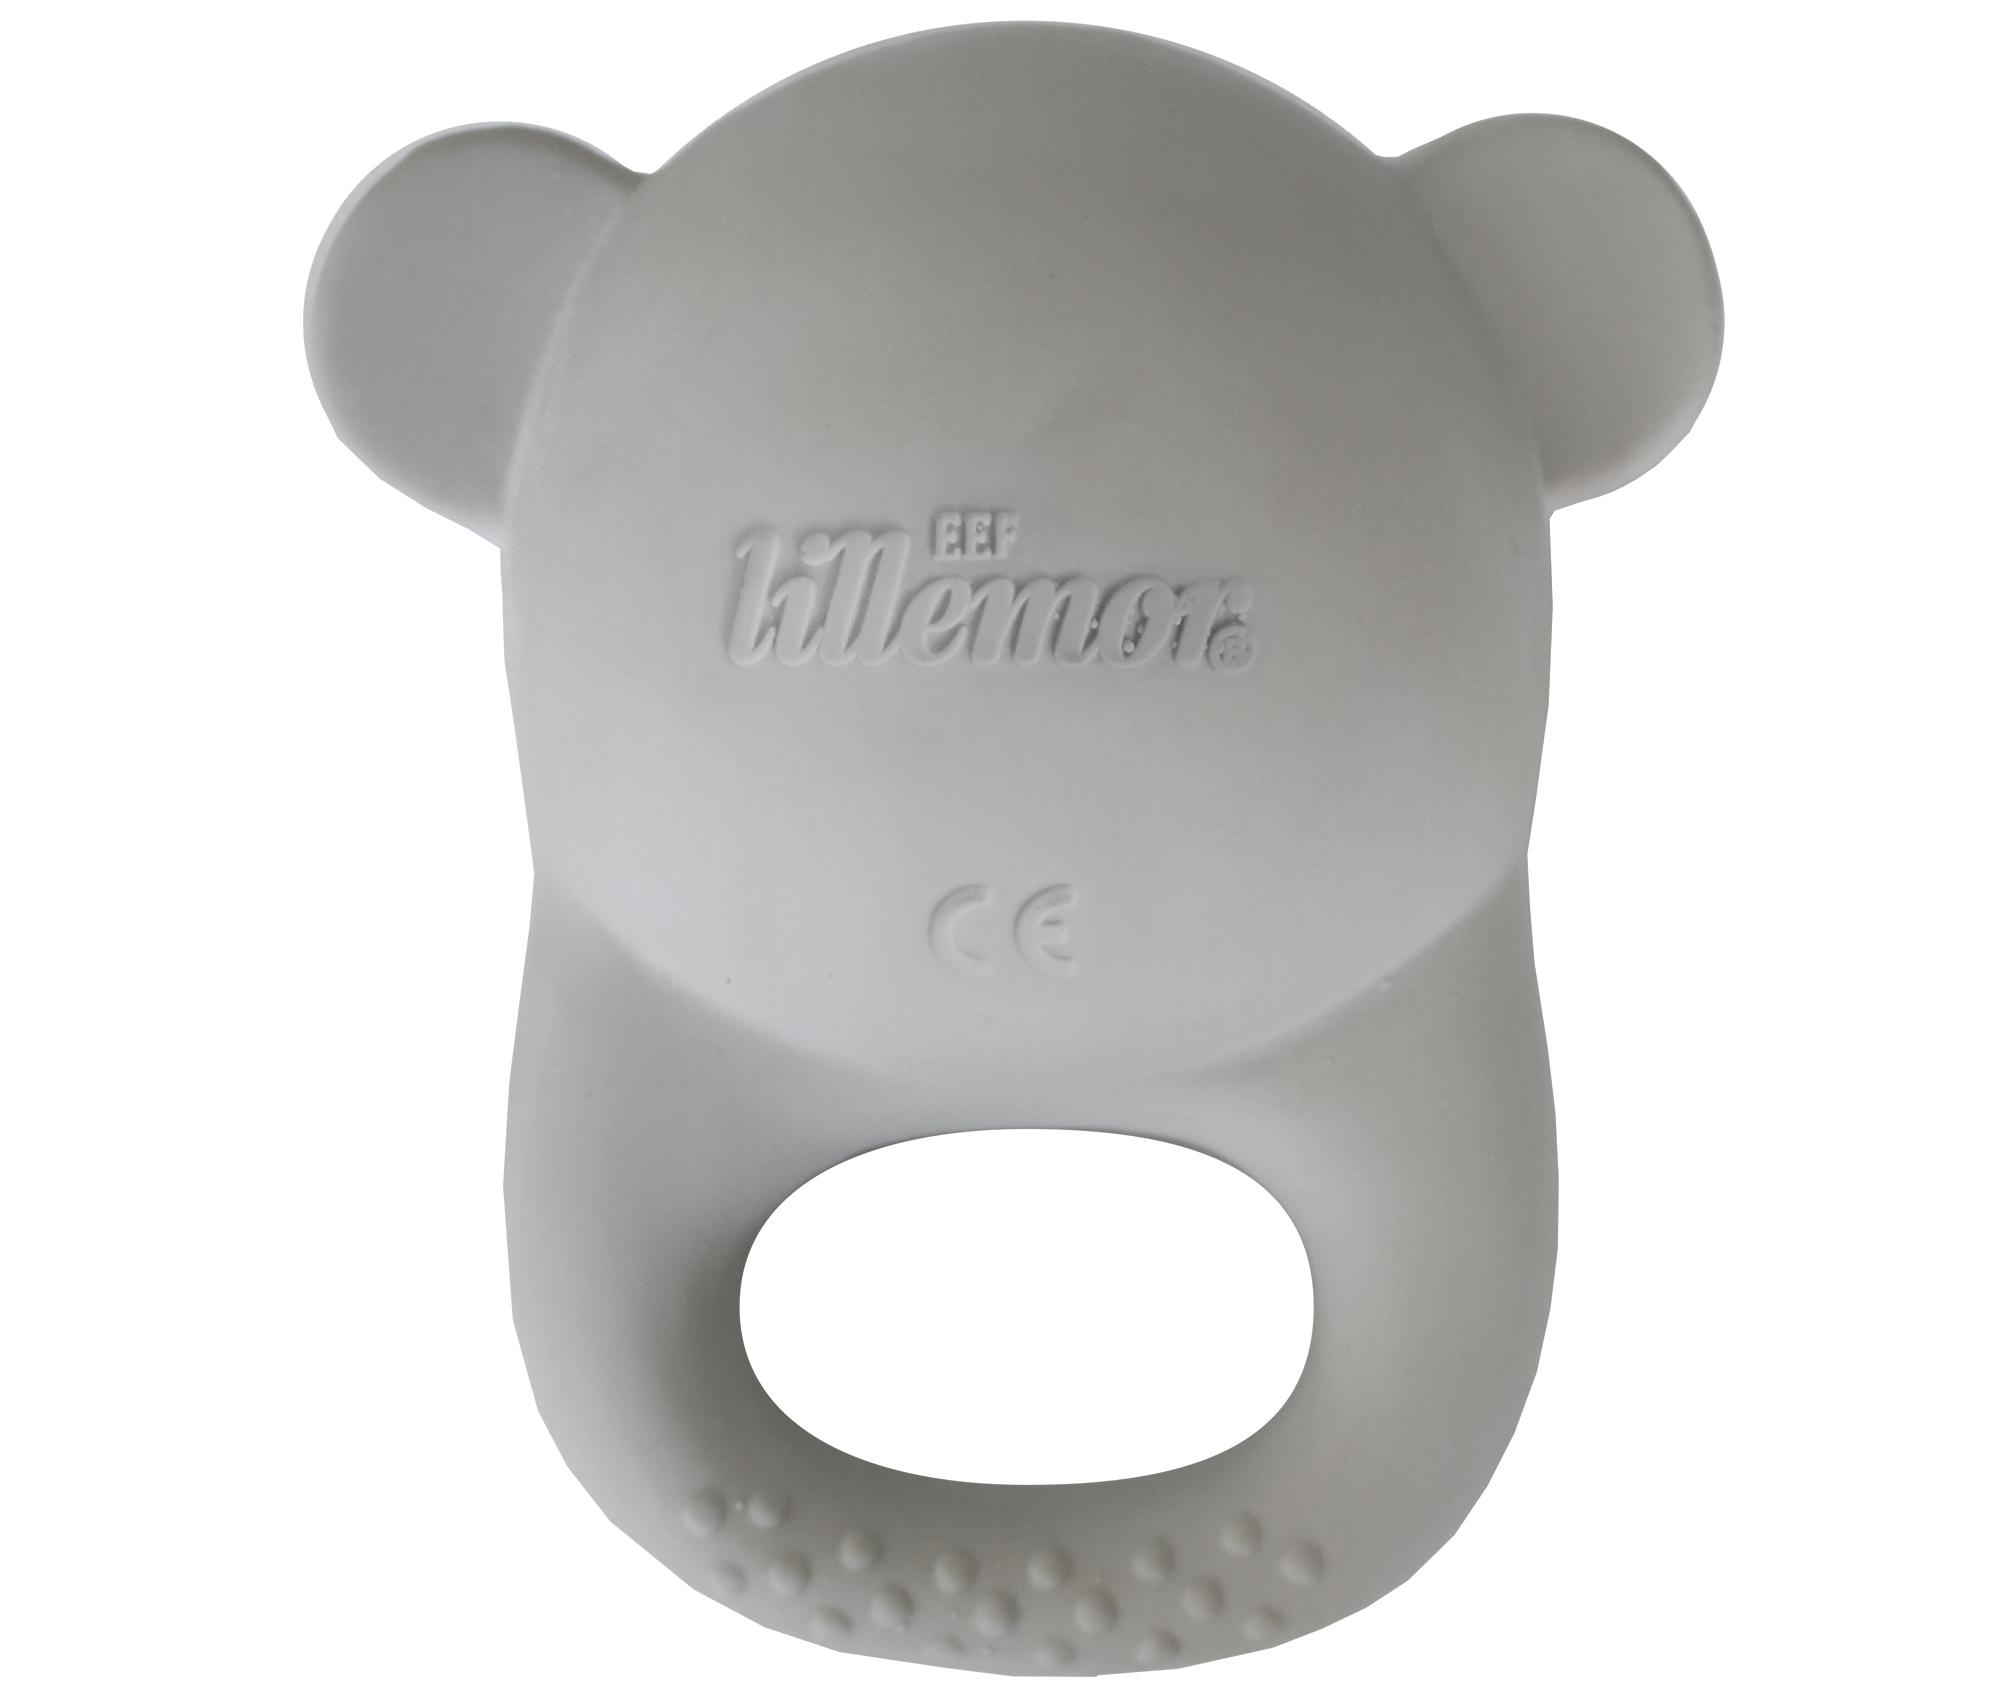 Afbeelding Bijtring babyspeeltje Koala